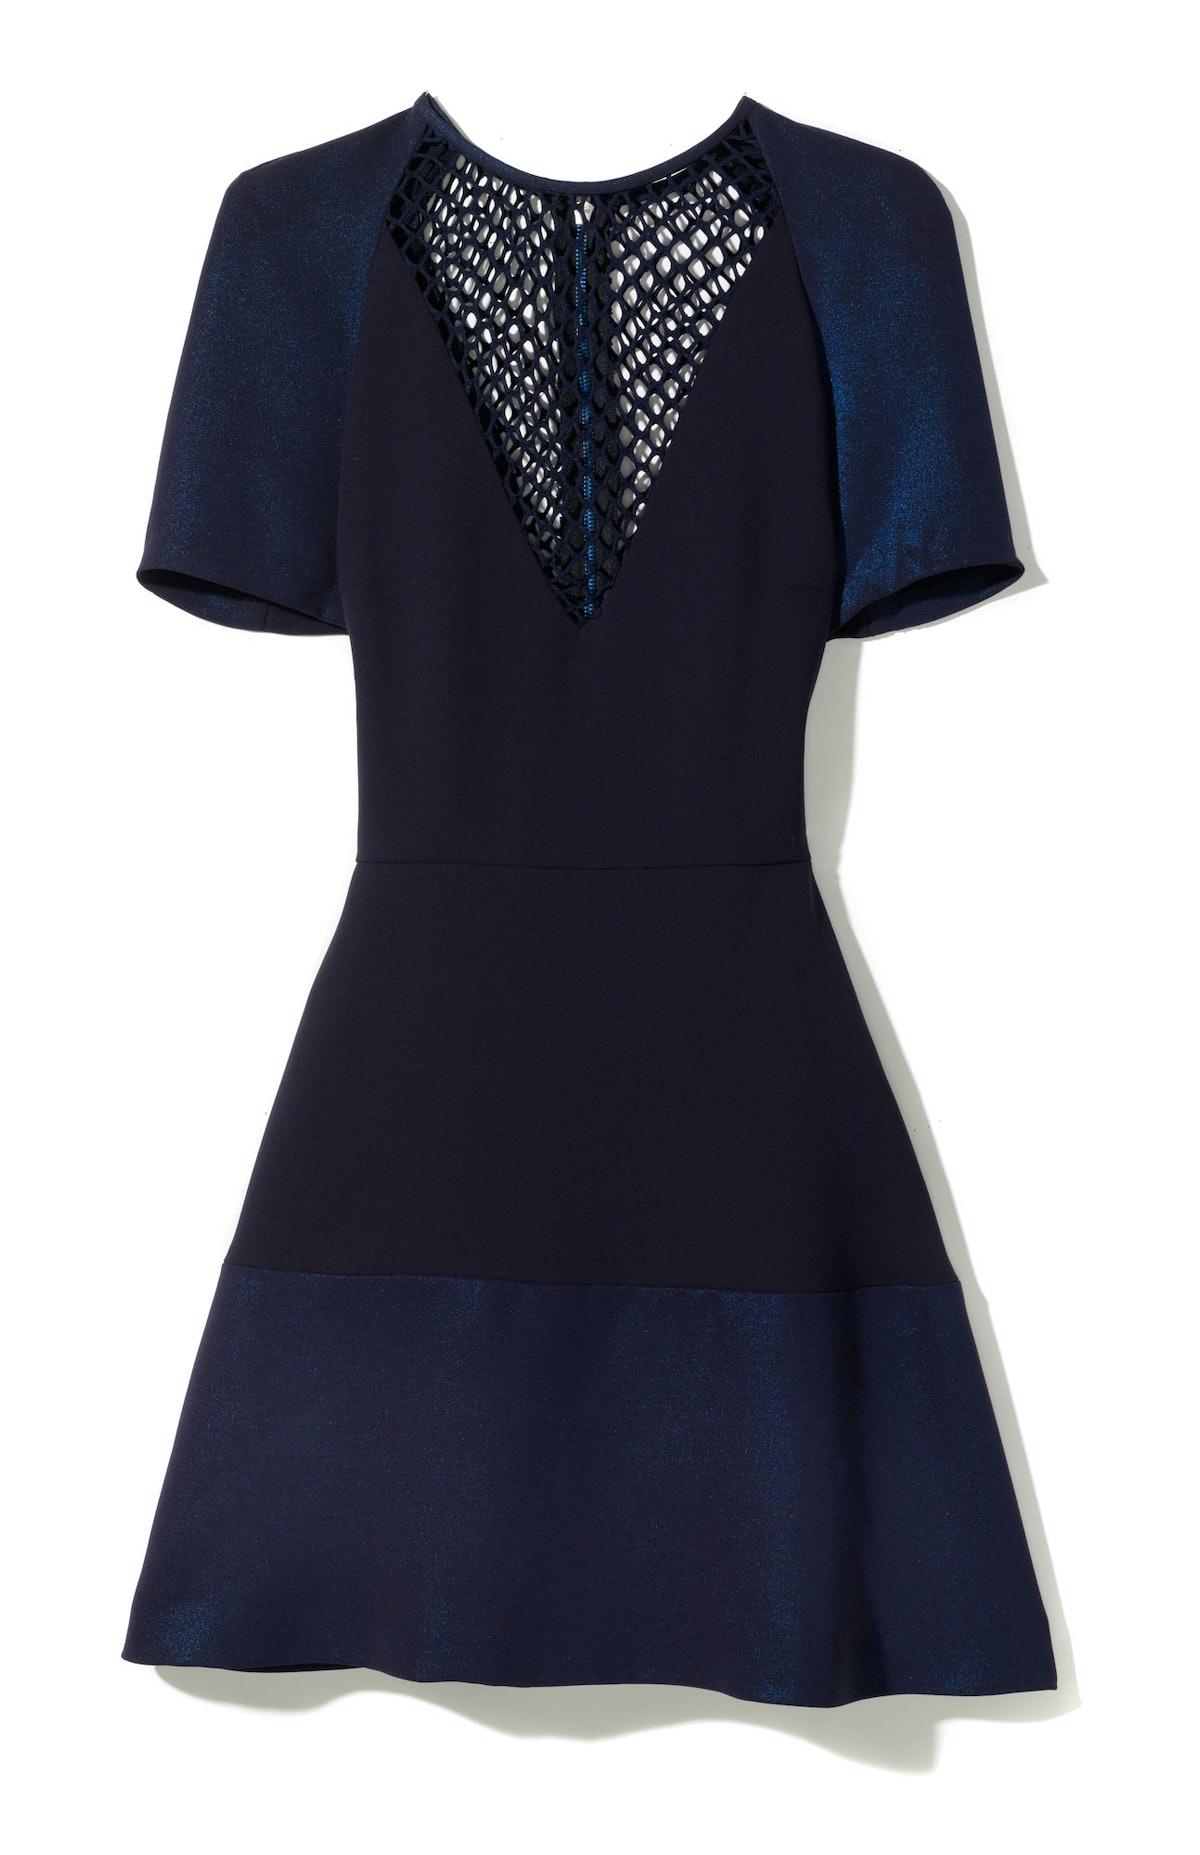 Sandro dress, $340, [sandro-paris.com](http://us.sandro-paris.com).